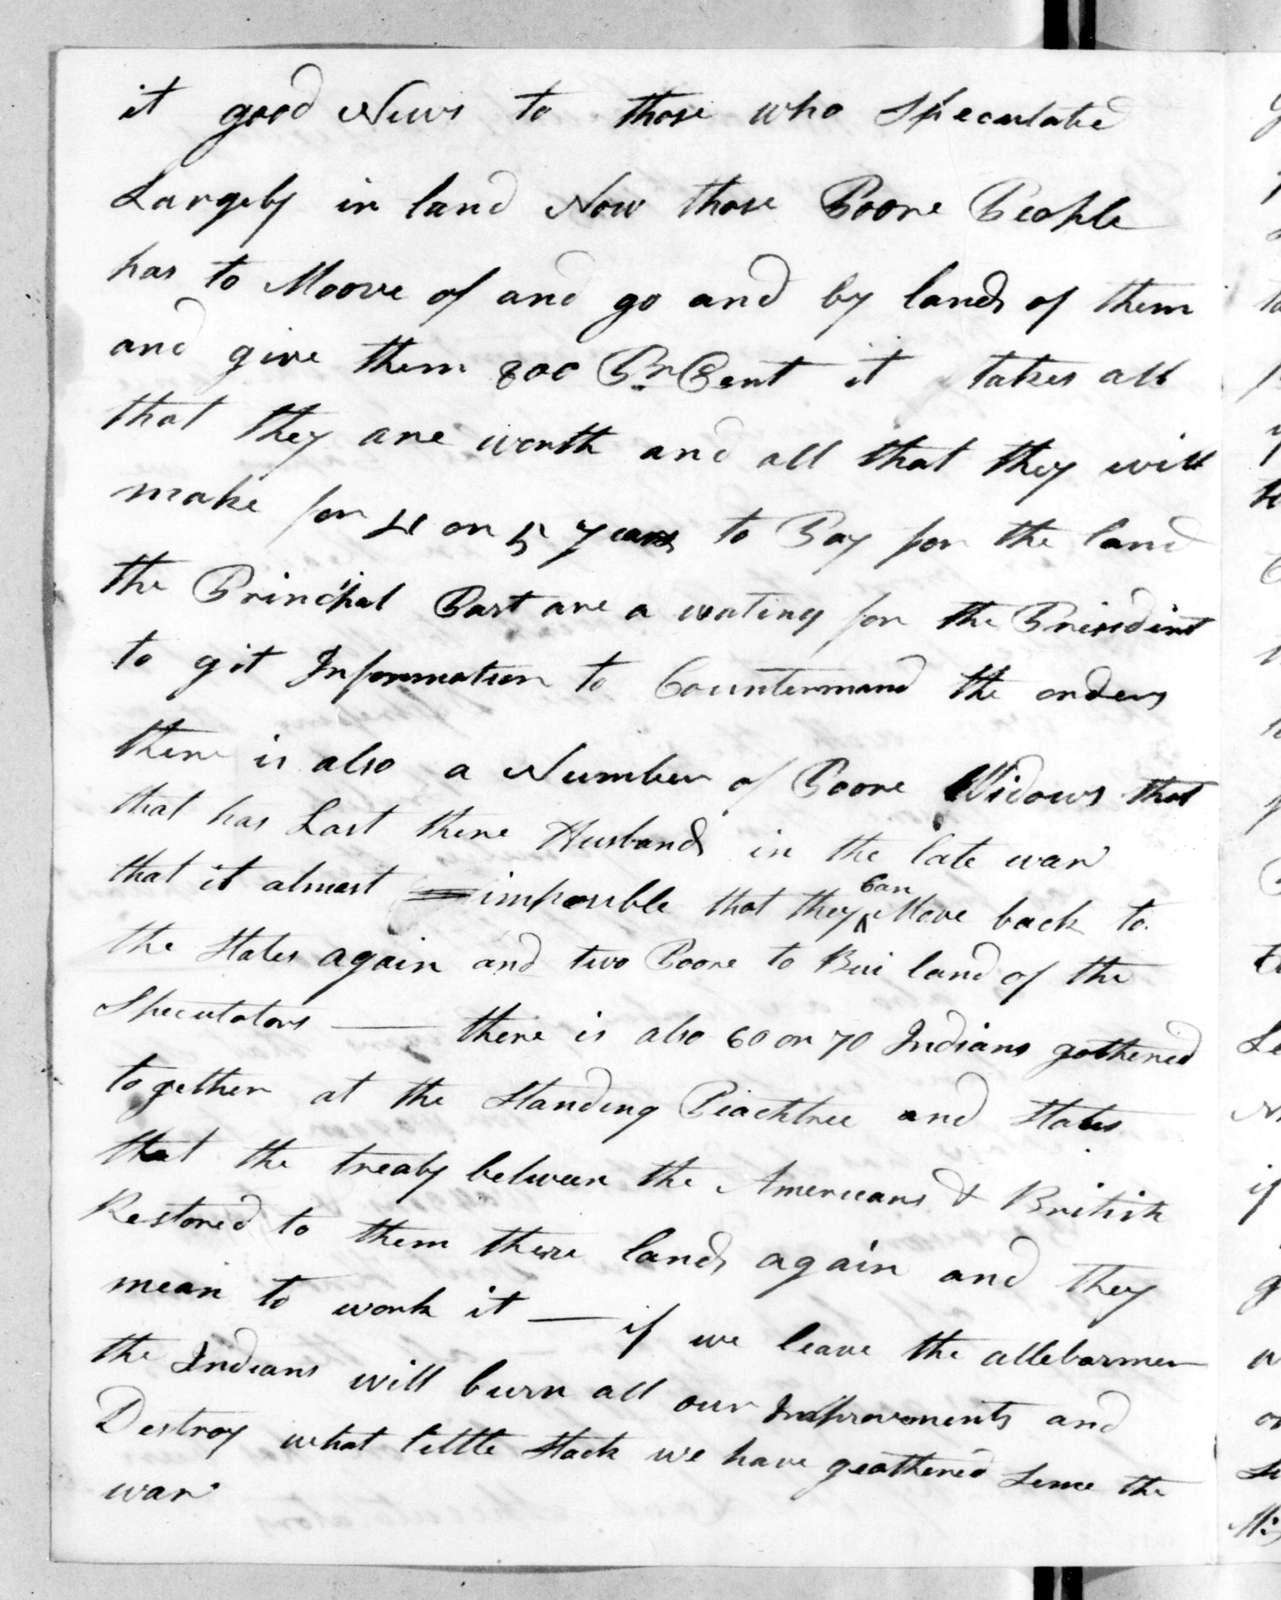 Clabon Harris to Andrew Jackson, January 14, 1816